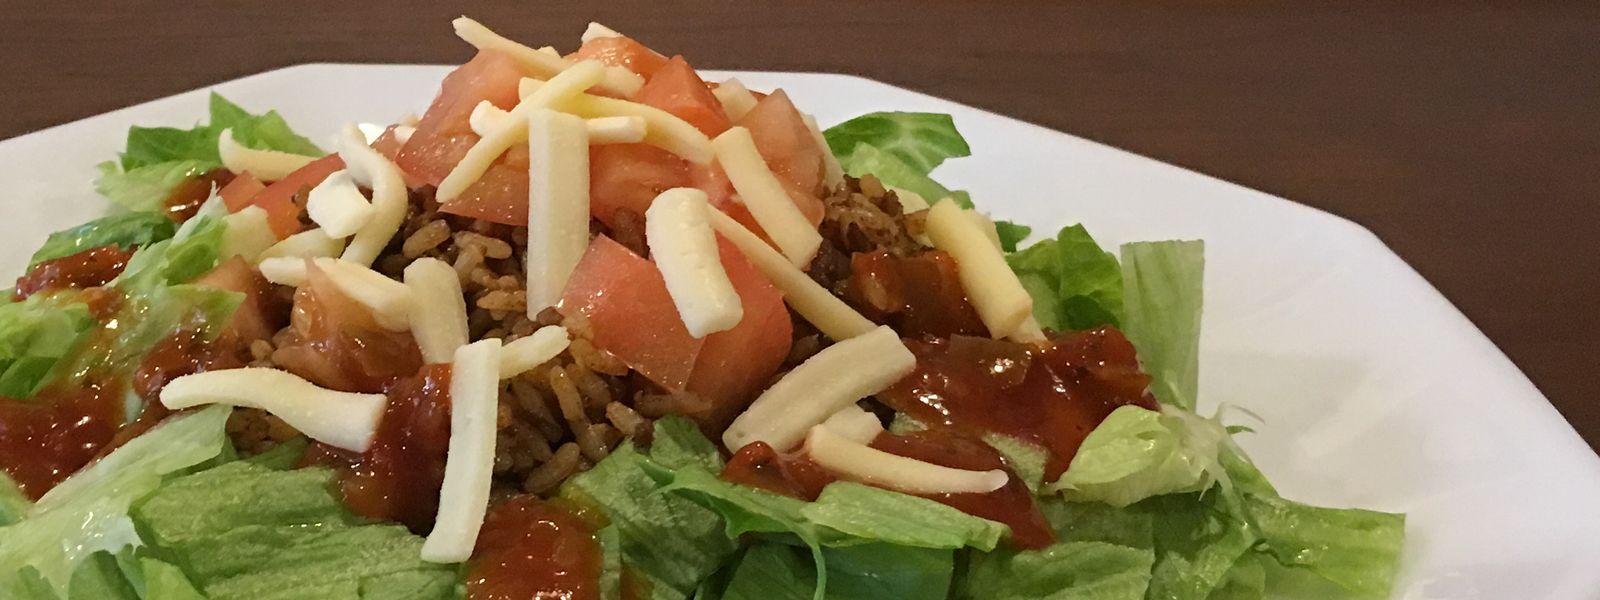 お野菜たっぷりサラダ感覚のライスタコス